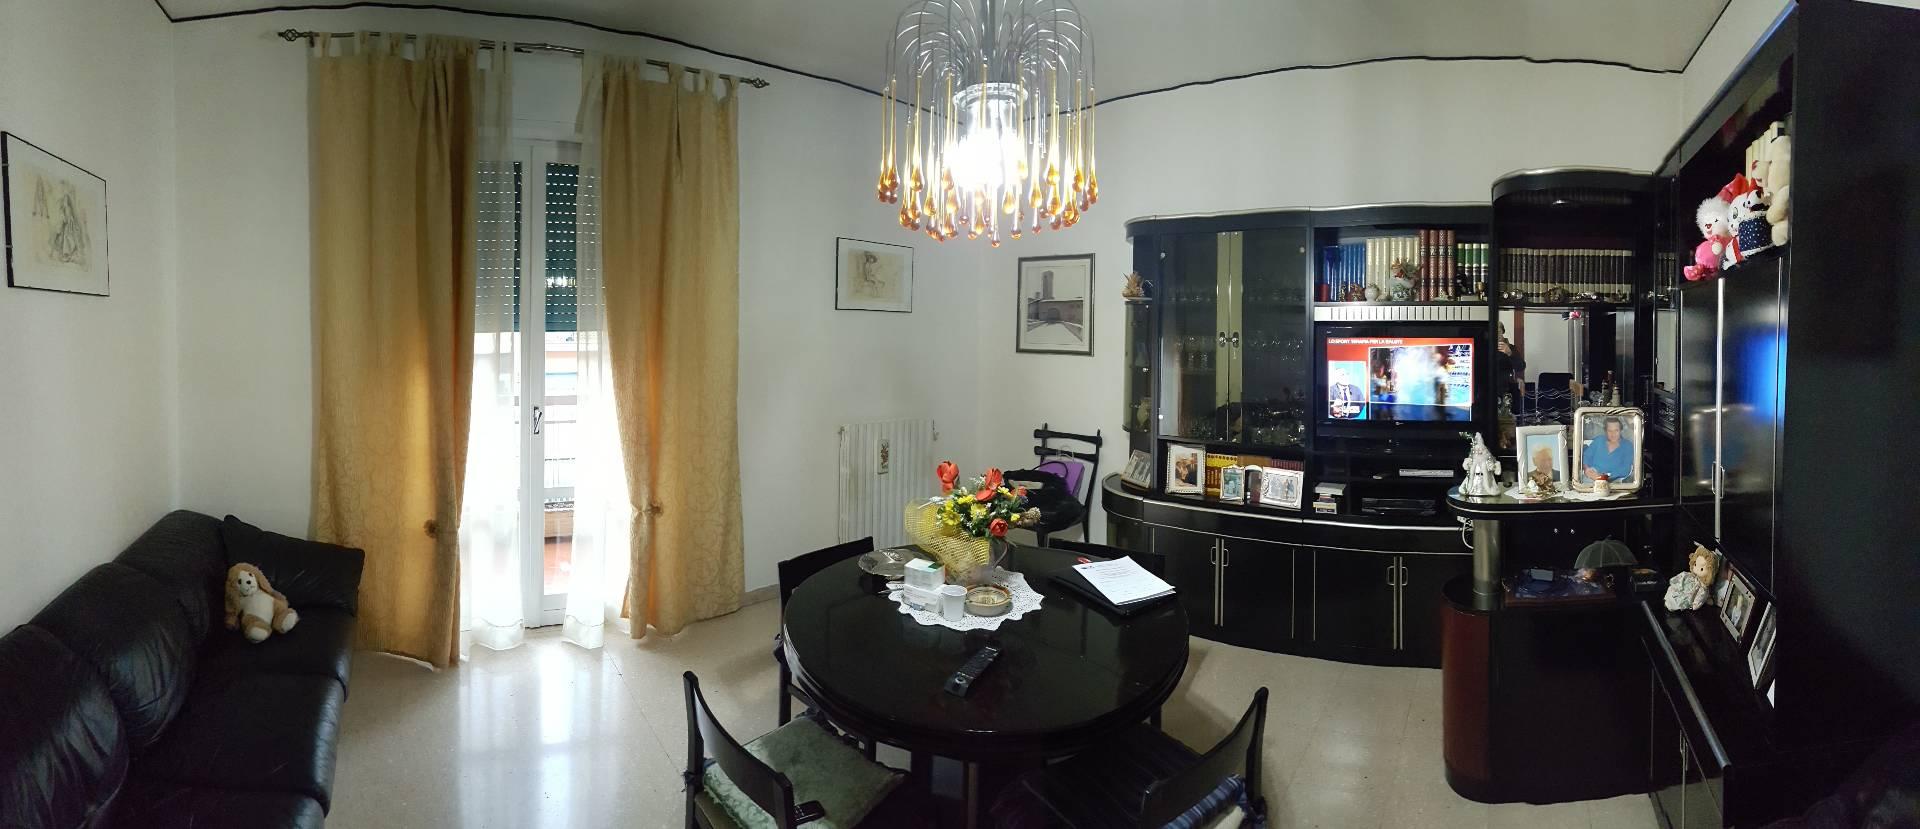 Appartamento in vendita a Ascoli Piceno, 6 locali, zona Località: BorgoSolestà, prezzo € 125.000 | Cambio Casa.it